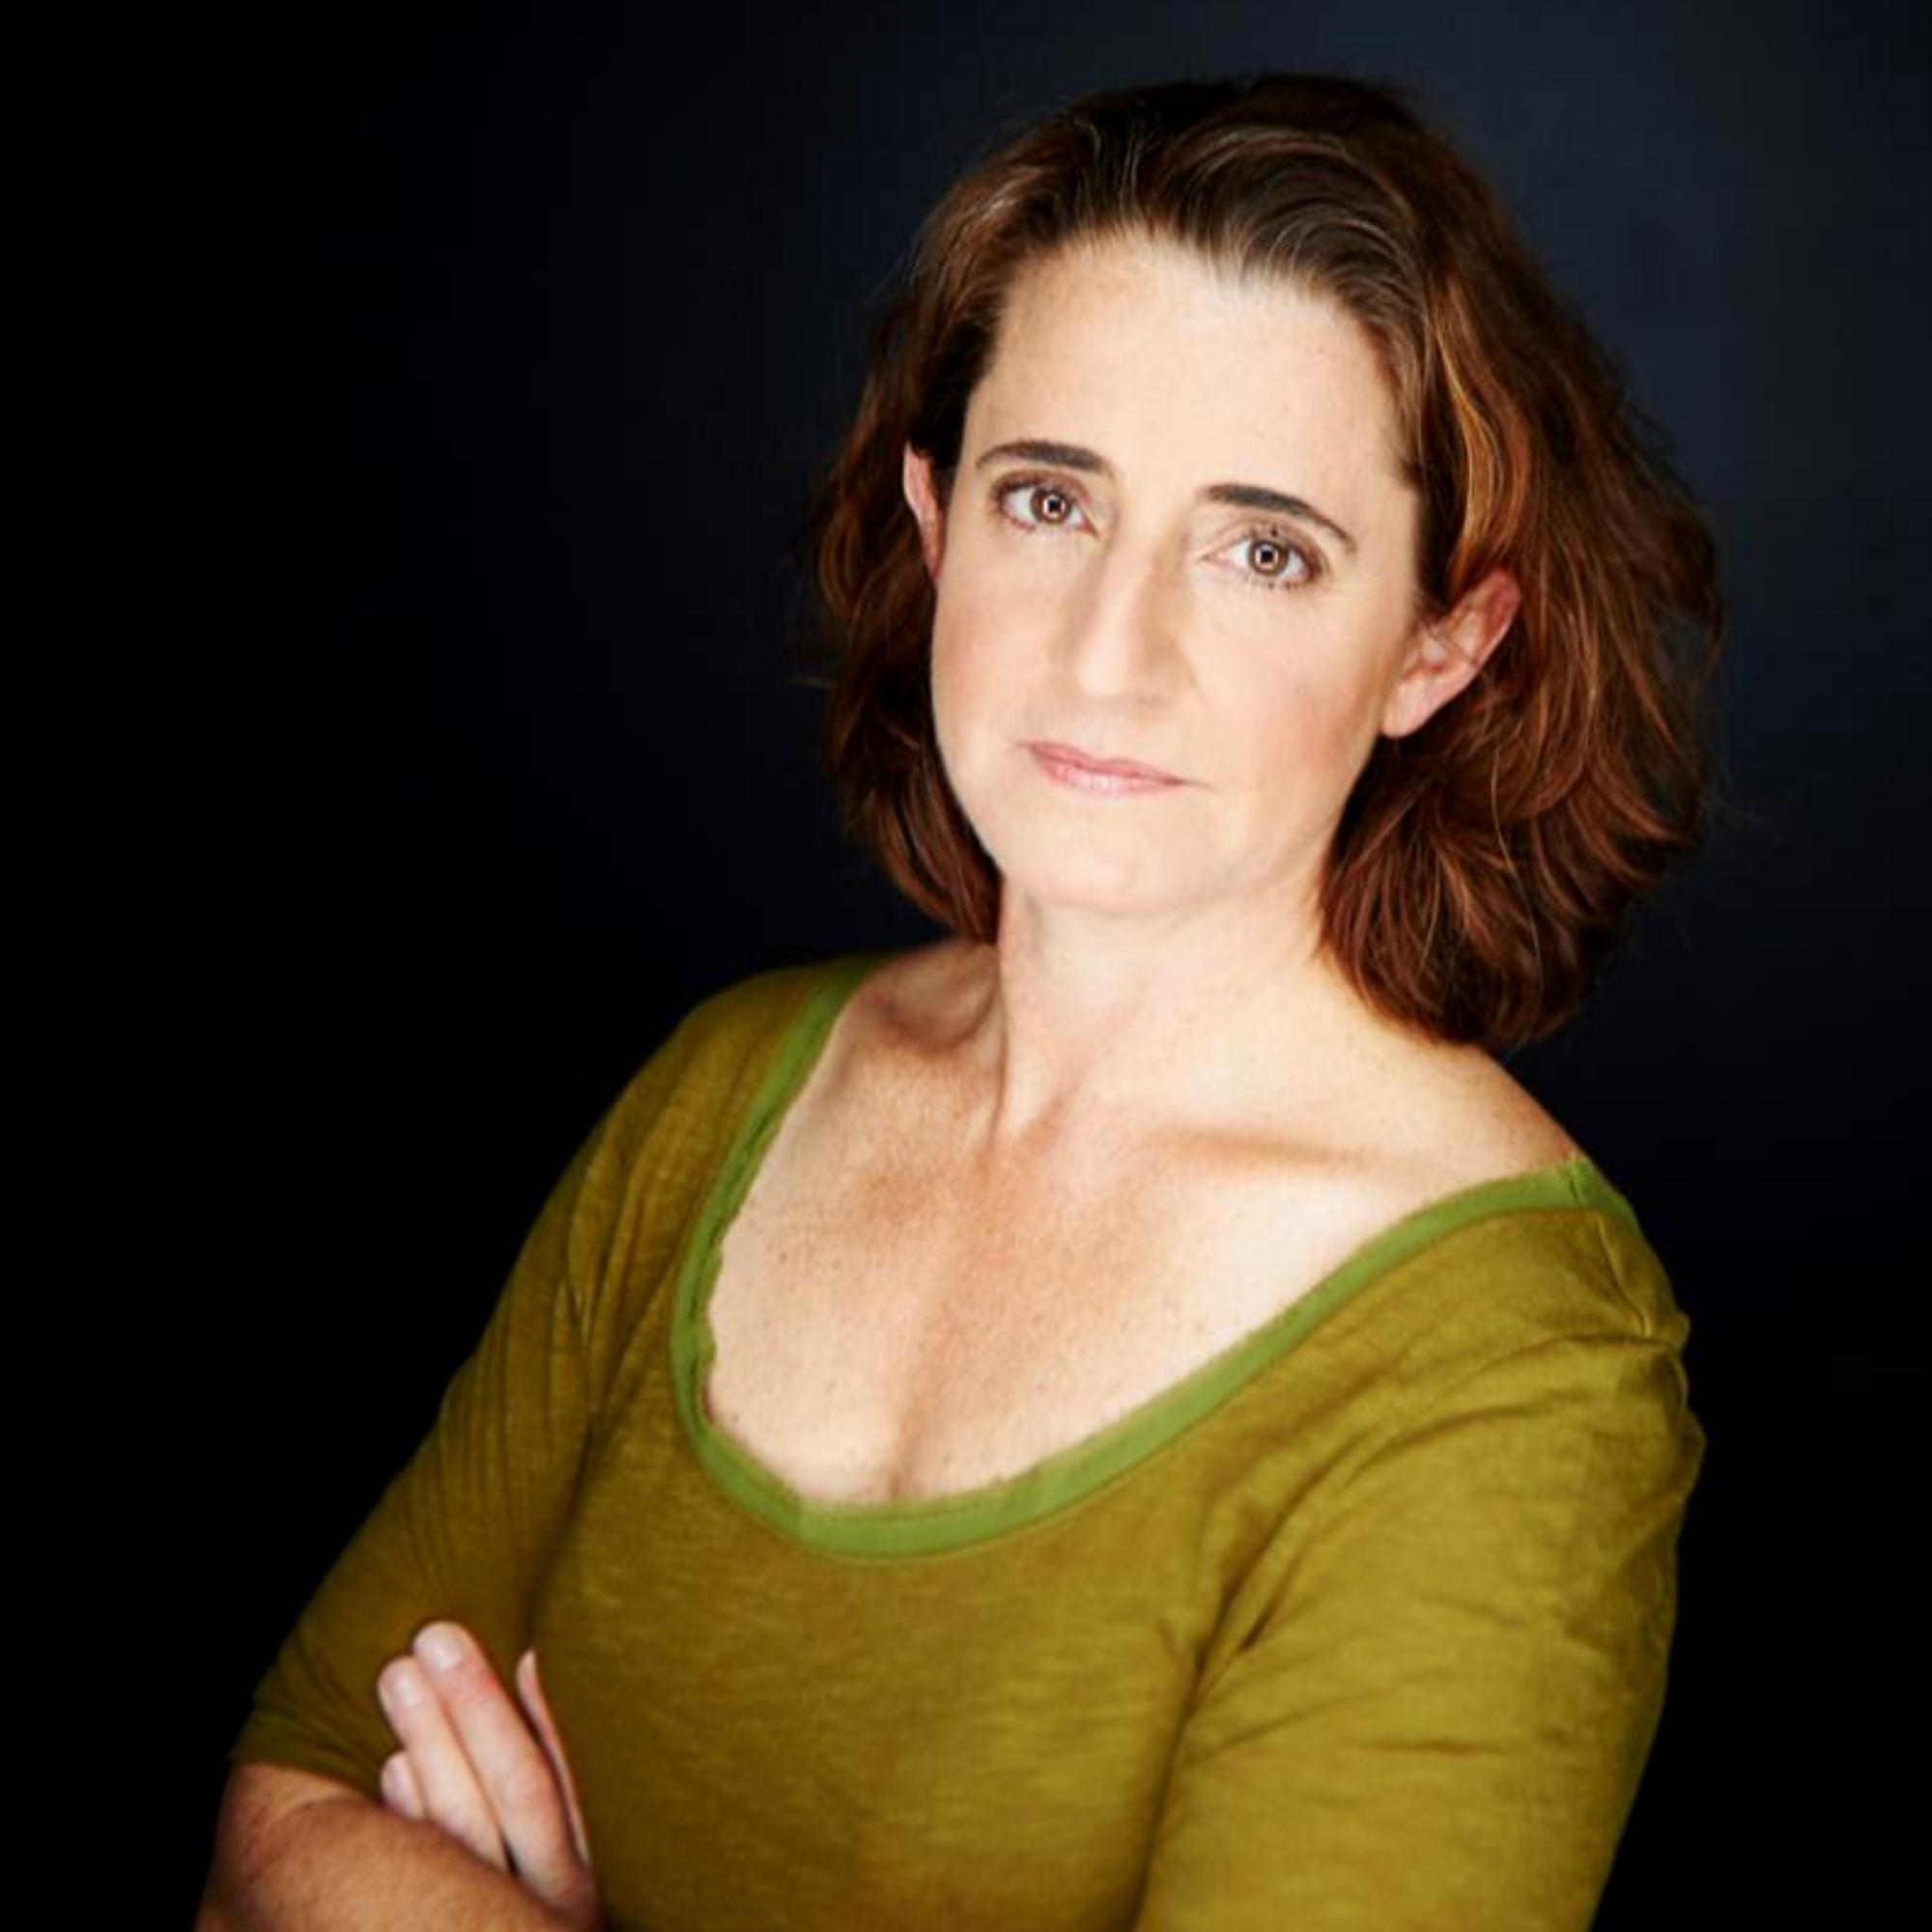 Sarah Weatherwax